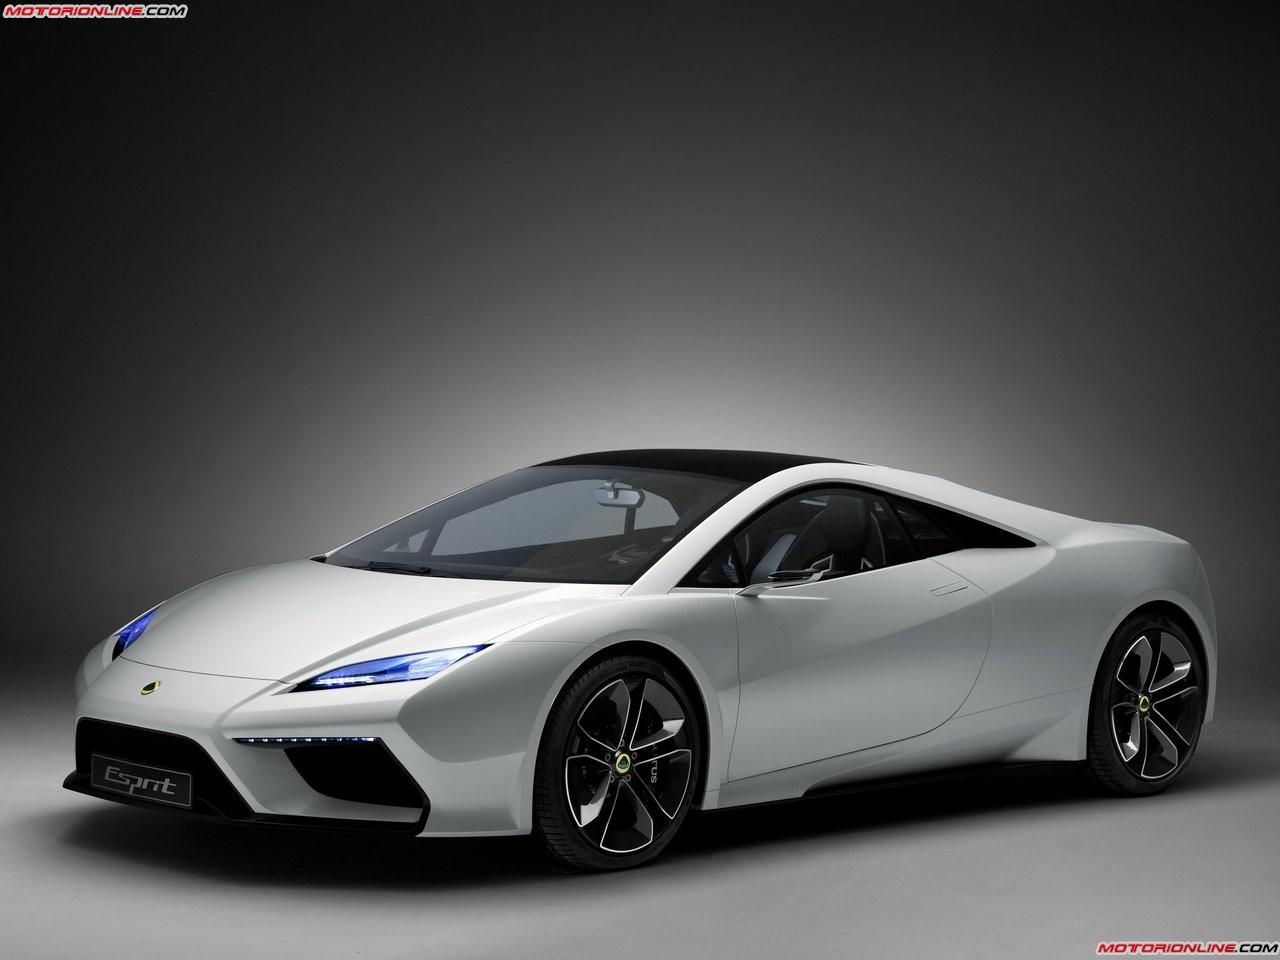 Lotus Esprit R 2014 Lotus-esprit_concept_2010_007